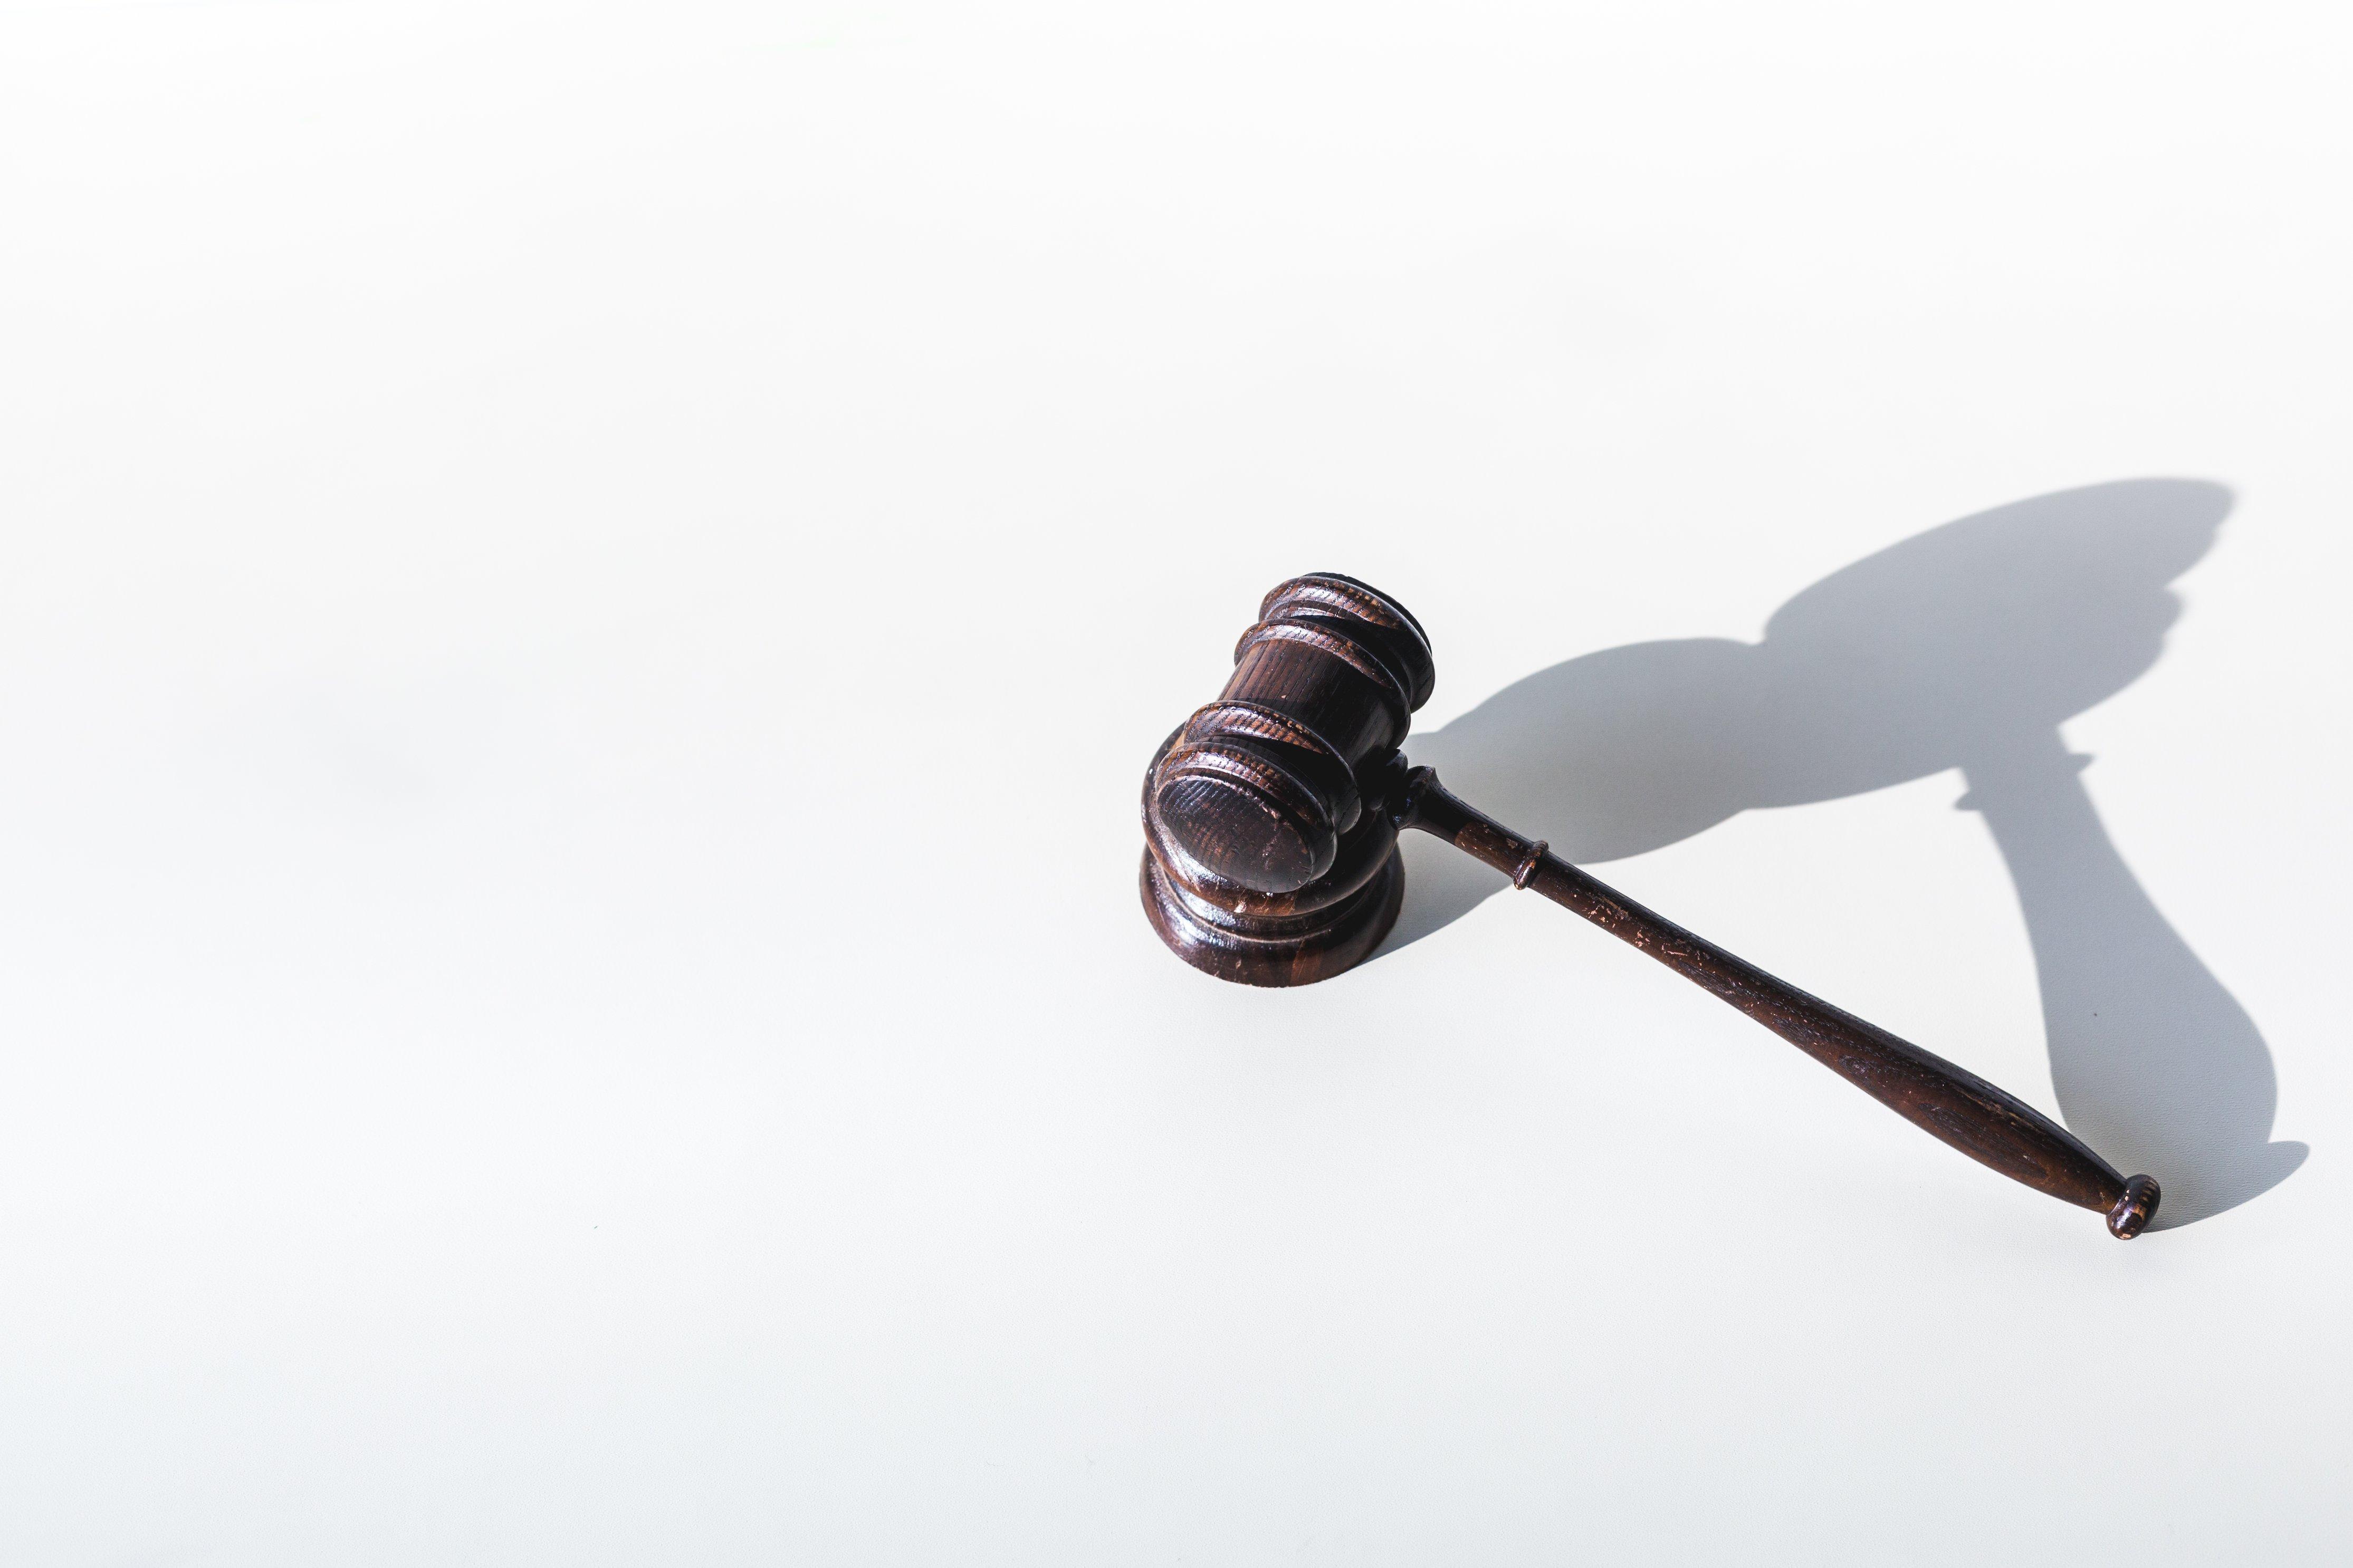 La crise sanitaire aura une influence sur les délais légaux et judiciaires